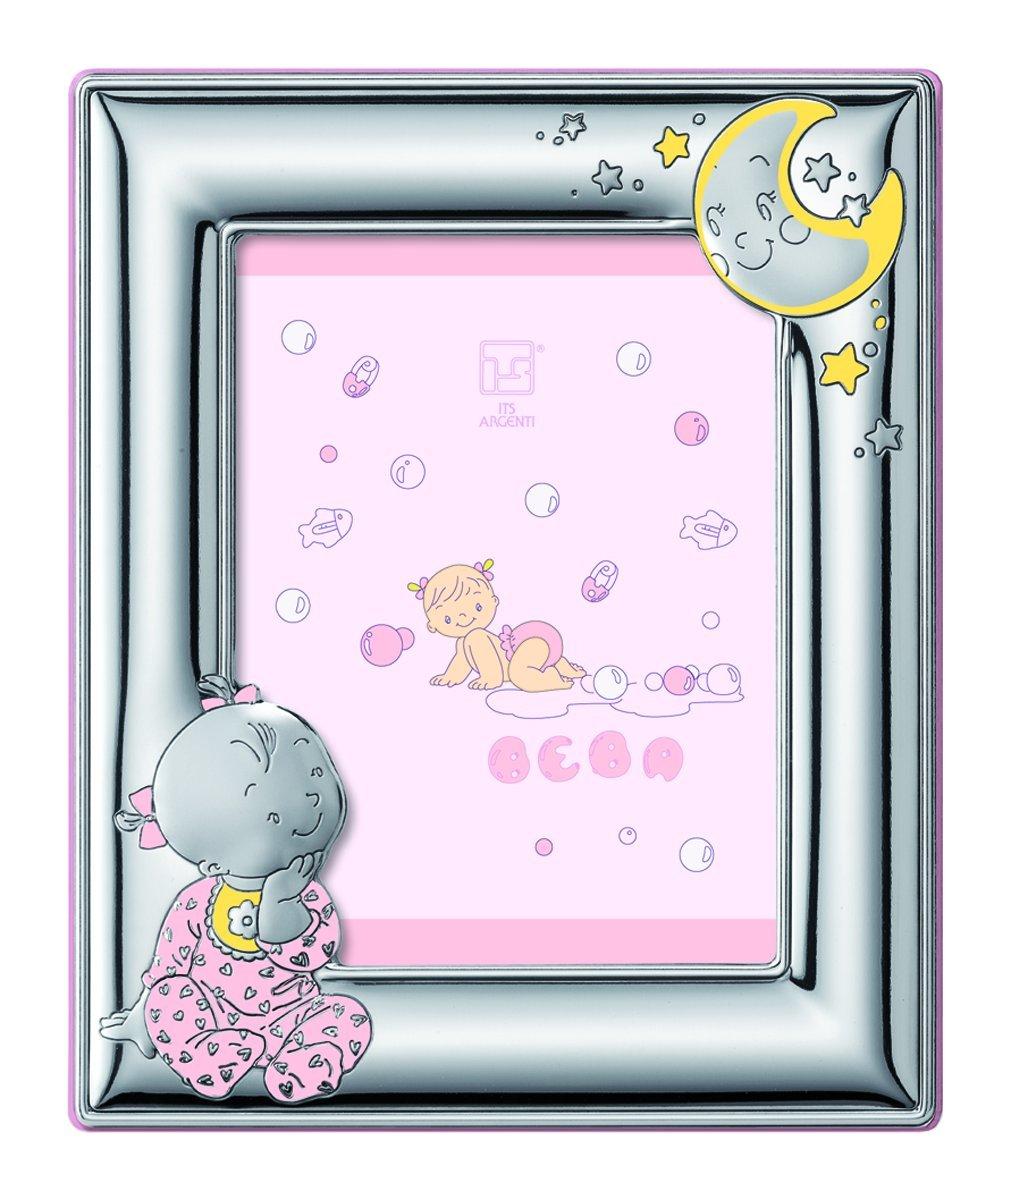 高品質 シルバータッチUSAスターリングシルバーガール額縁プラスブックレット、ピンク B00NLXH51A B00NLXH51A, ペット用品のPePet(ペペット):fa47de37 --- narvafouette.eu